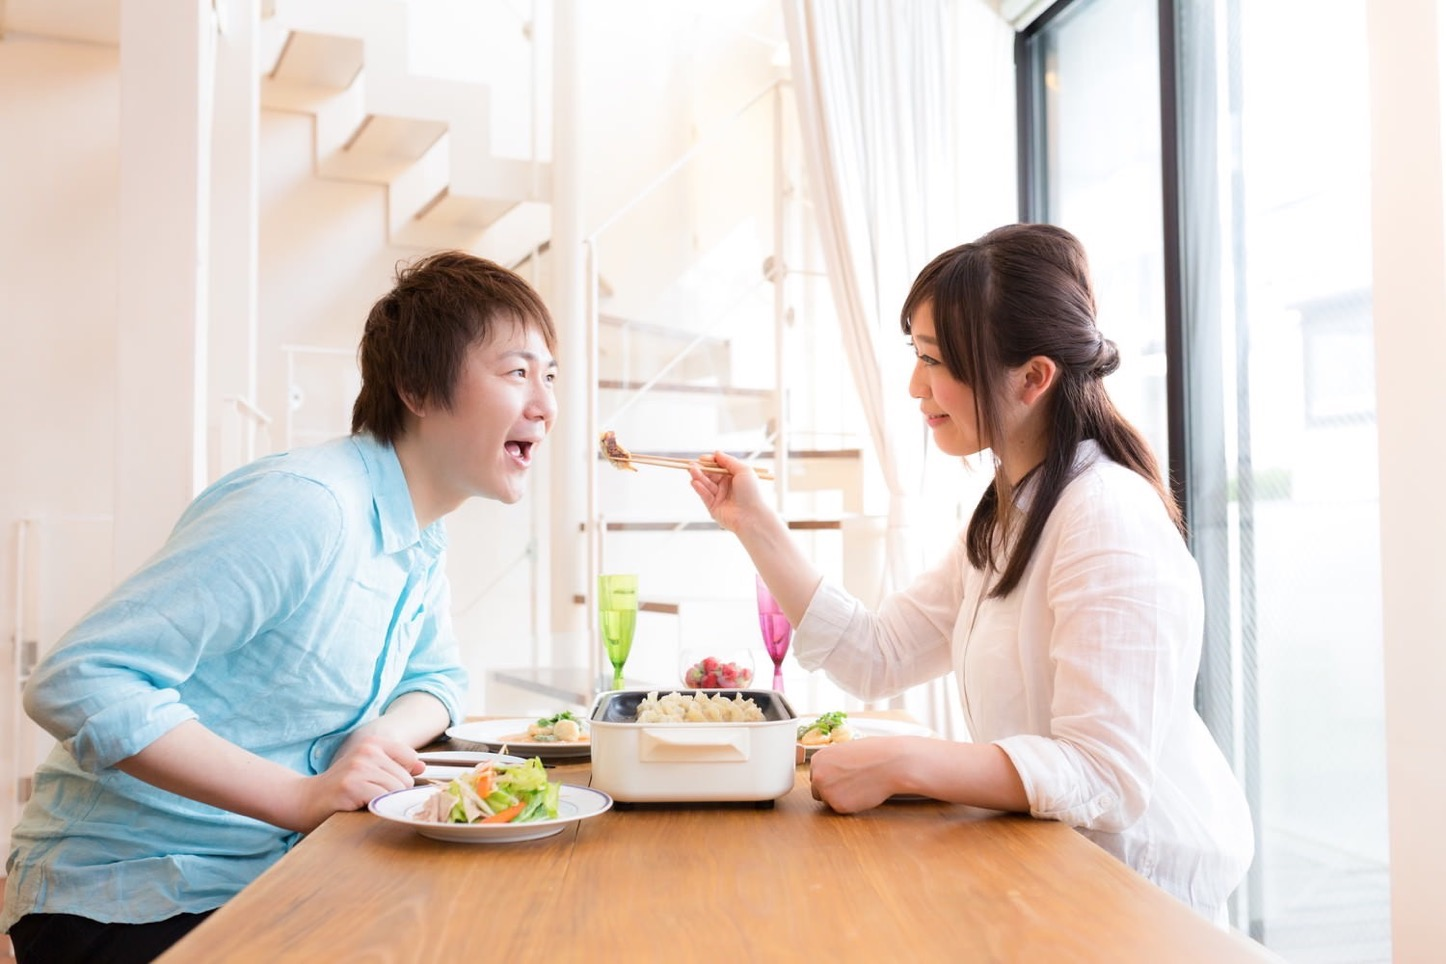 Igarashi-Couple-Cooking-Free-Photos-26.jpg